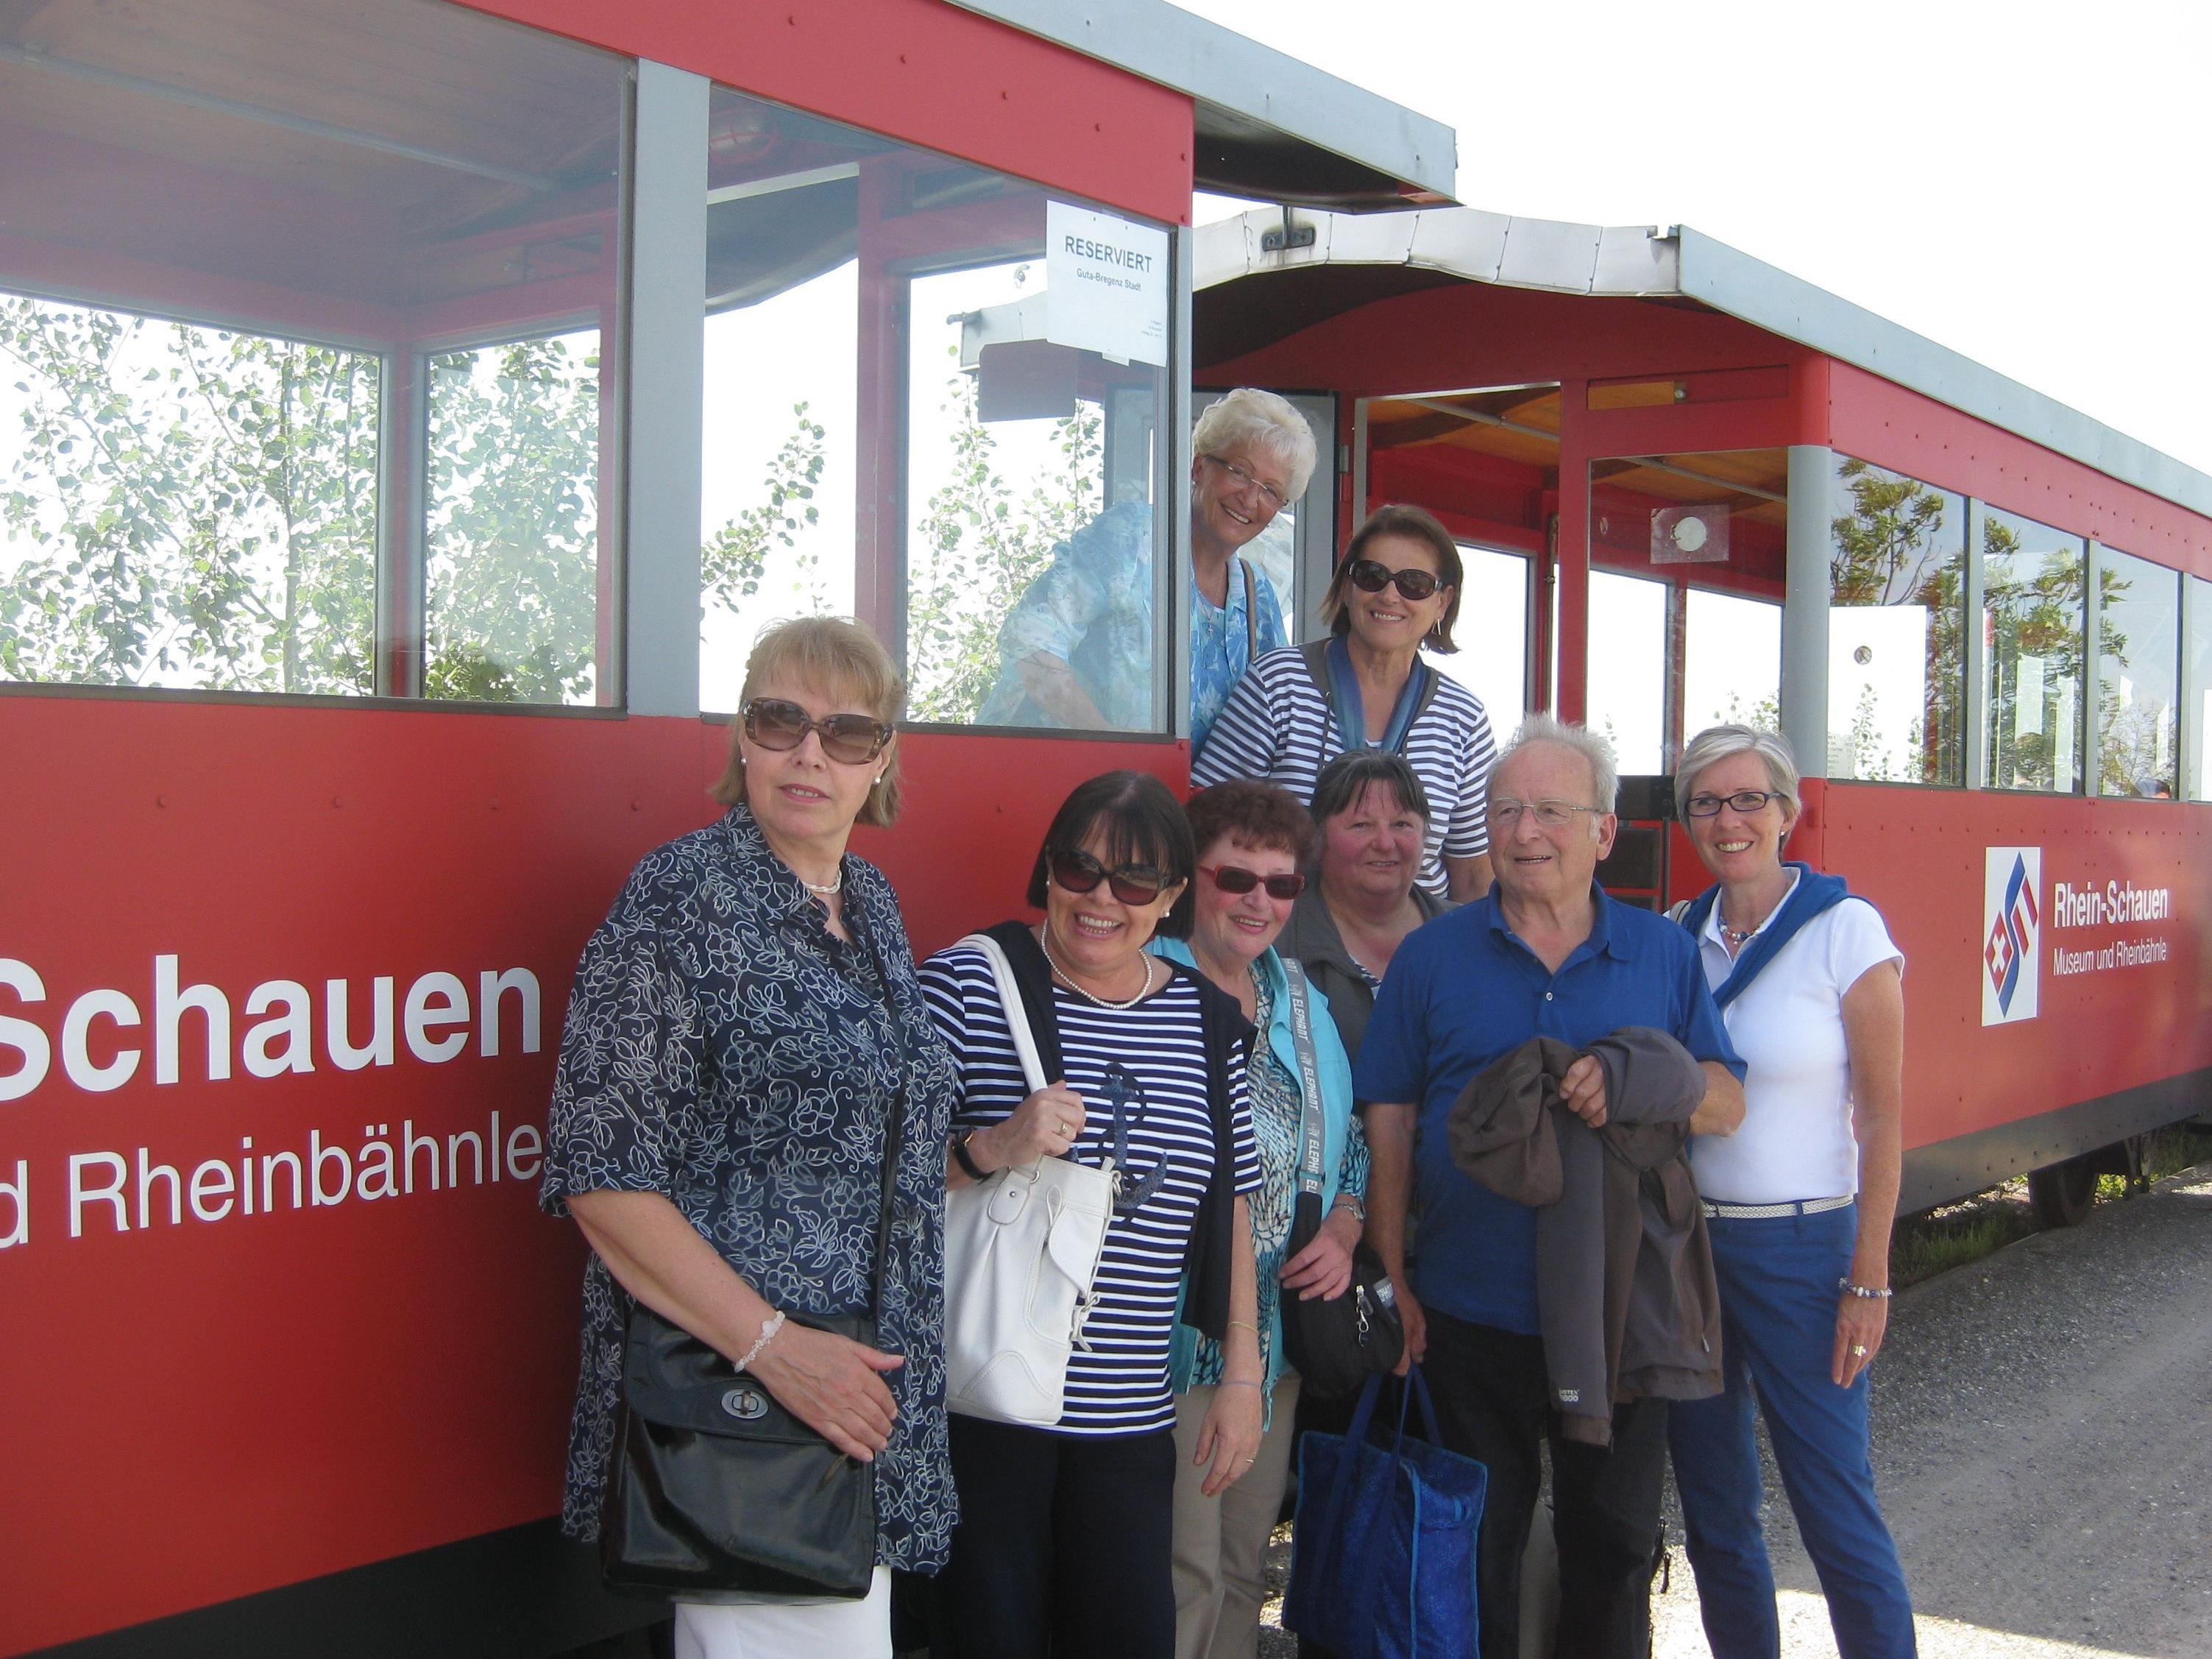 GUTA Runde an der Rheinmündung beim Bähnle